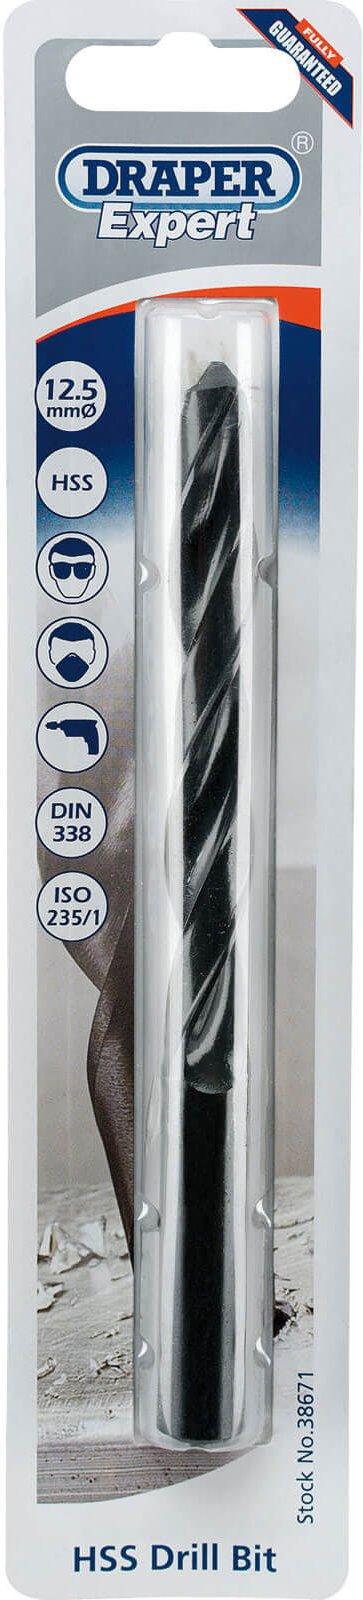 Draper Expert HSS Drill Bit 12 5mm Pack of 1